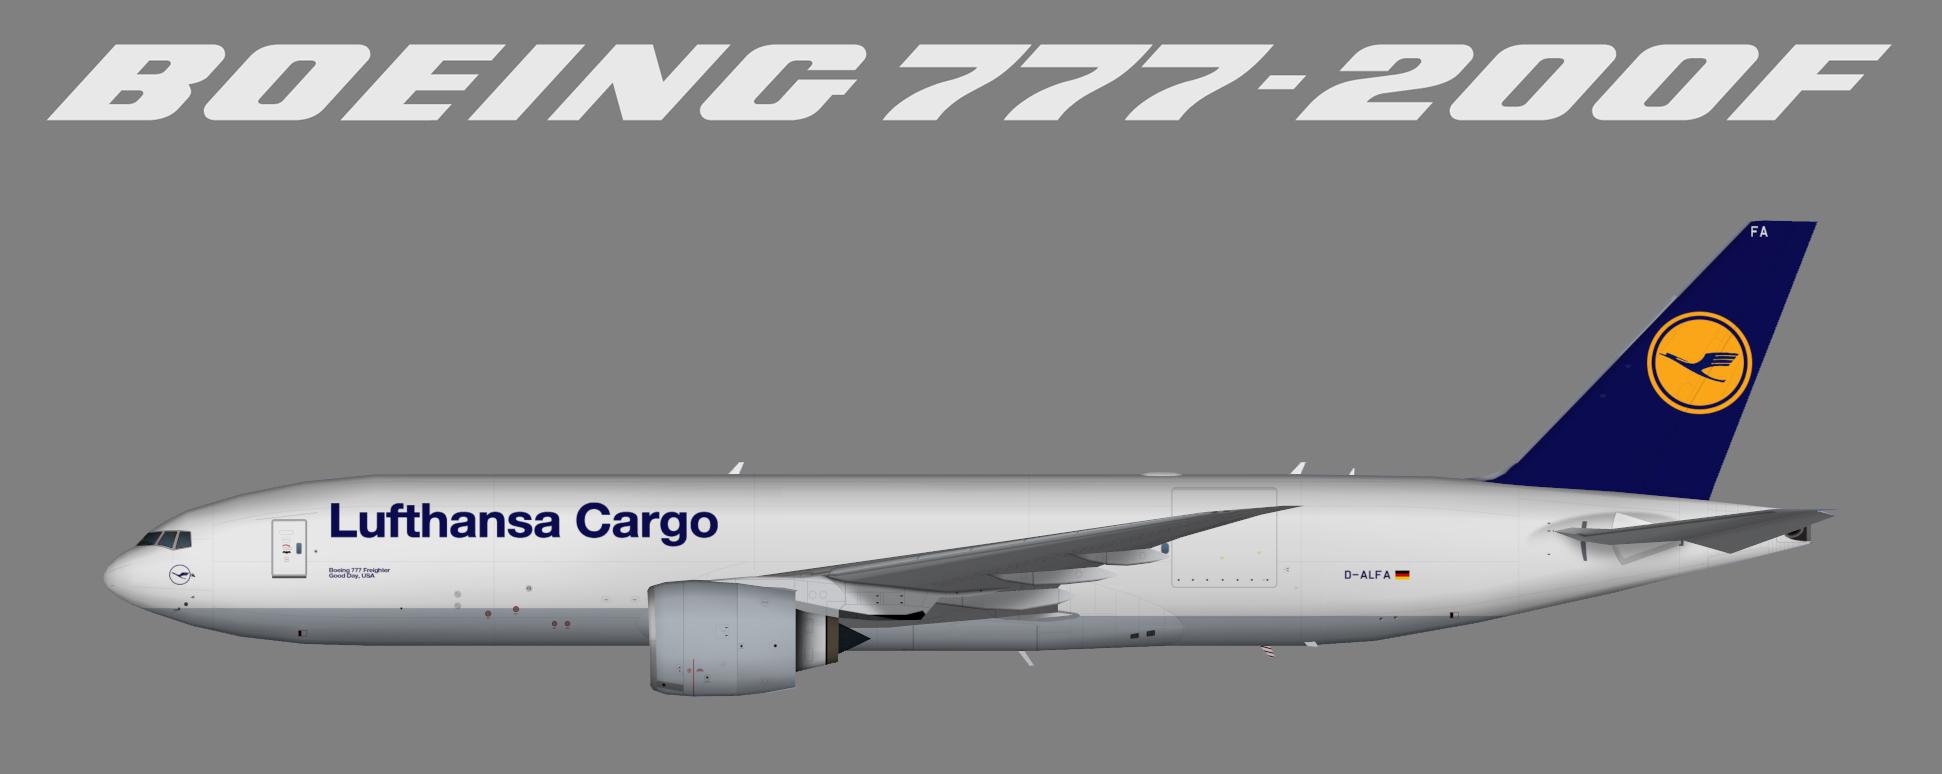 Lufthansa Cargo Boeing 777 200 Freighter Juergen S Paint